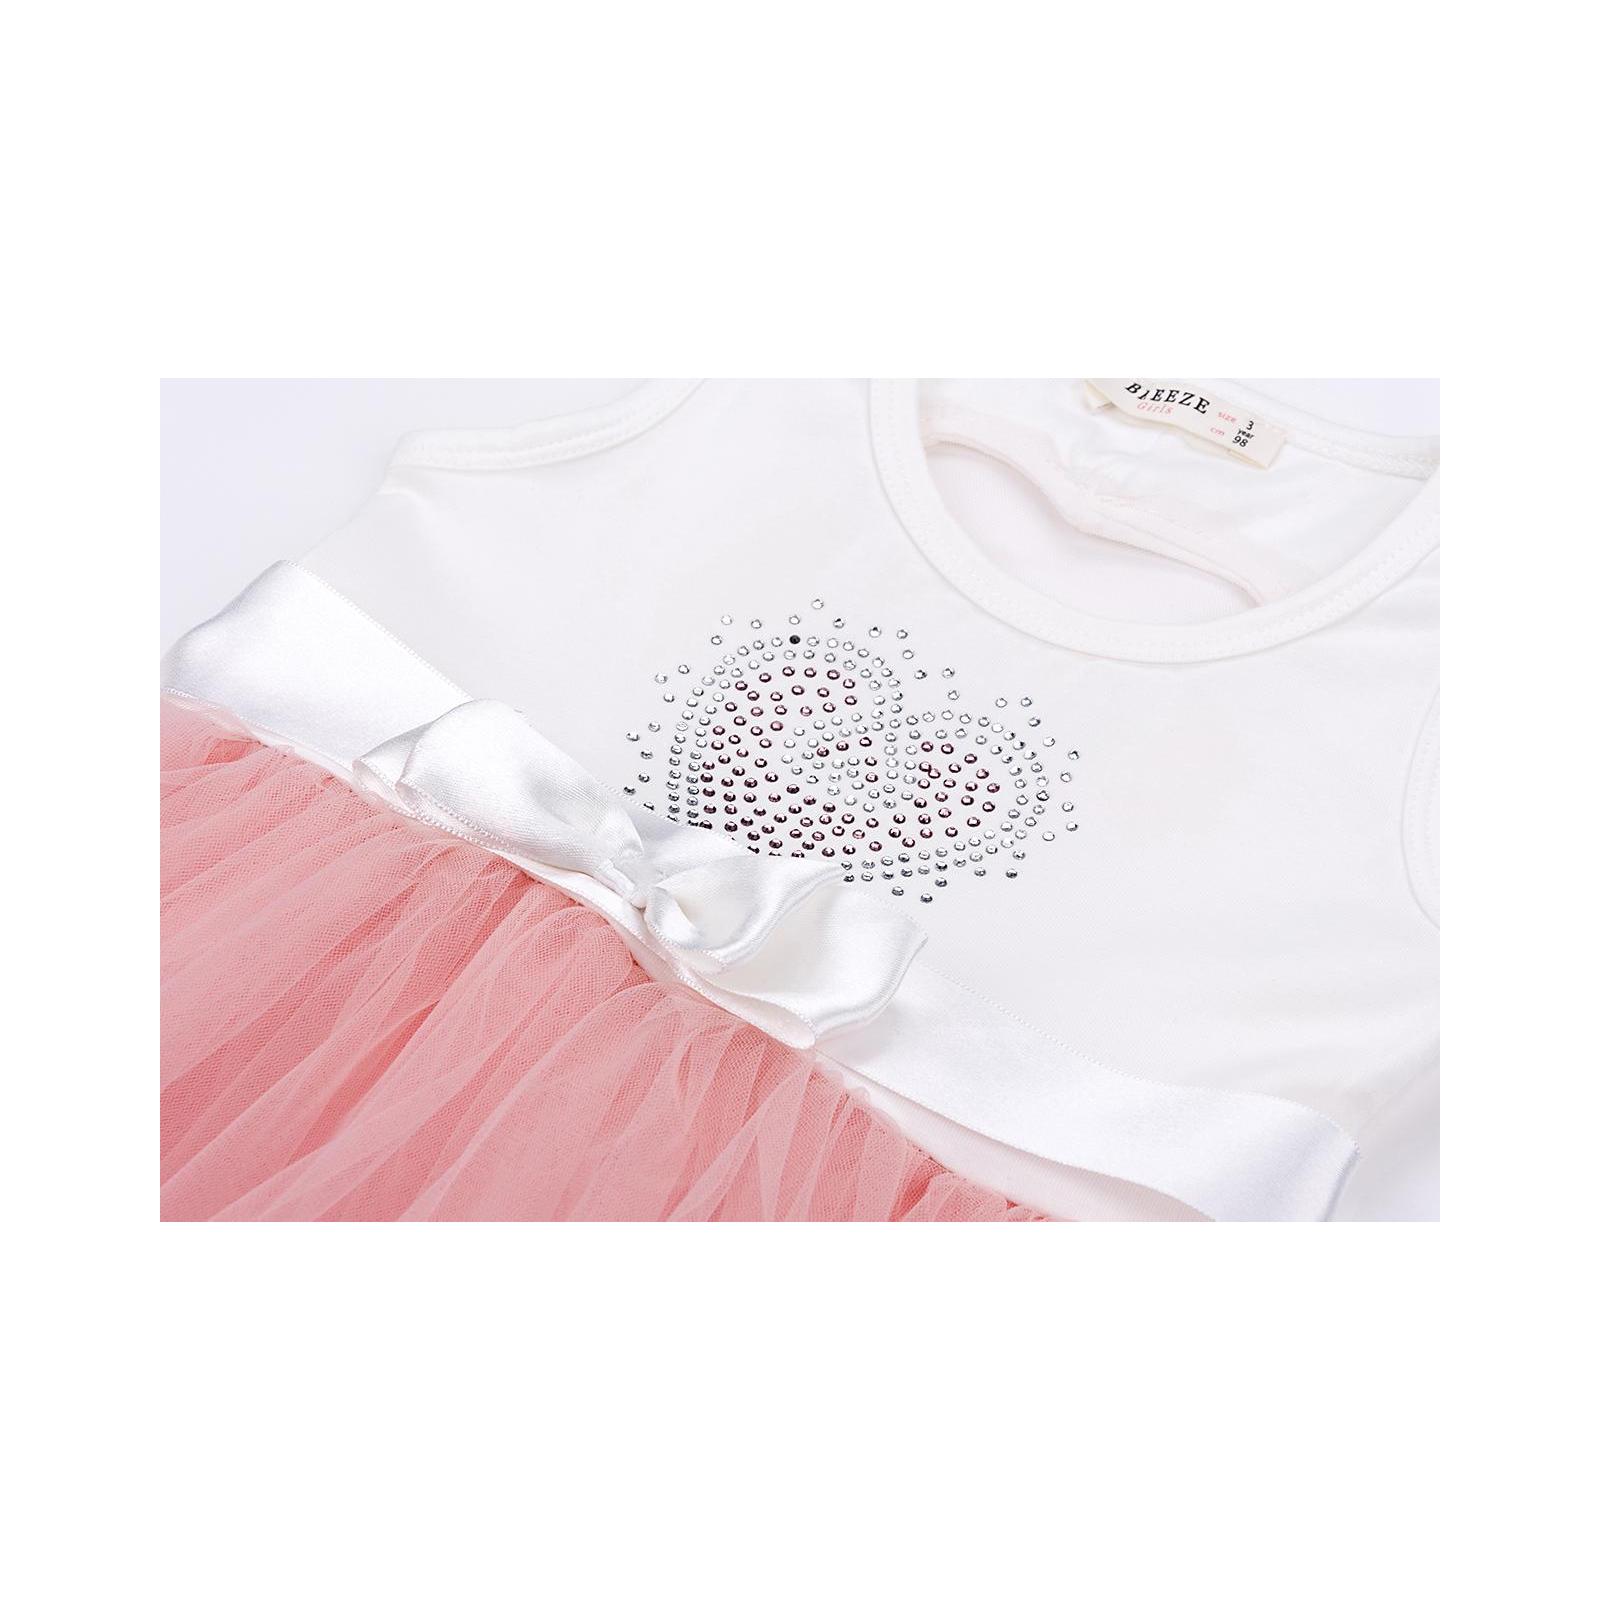 Платье Breeze сарафан с фатиновой юбкой и сердцем (10862-104G-pink) изображение 5